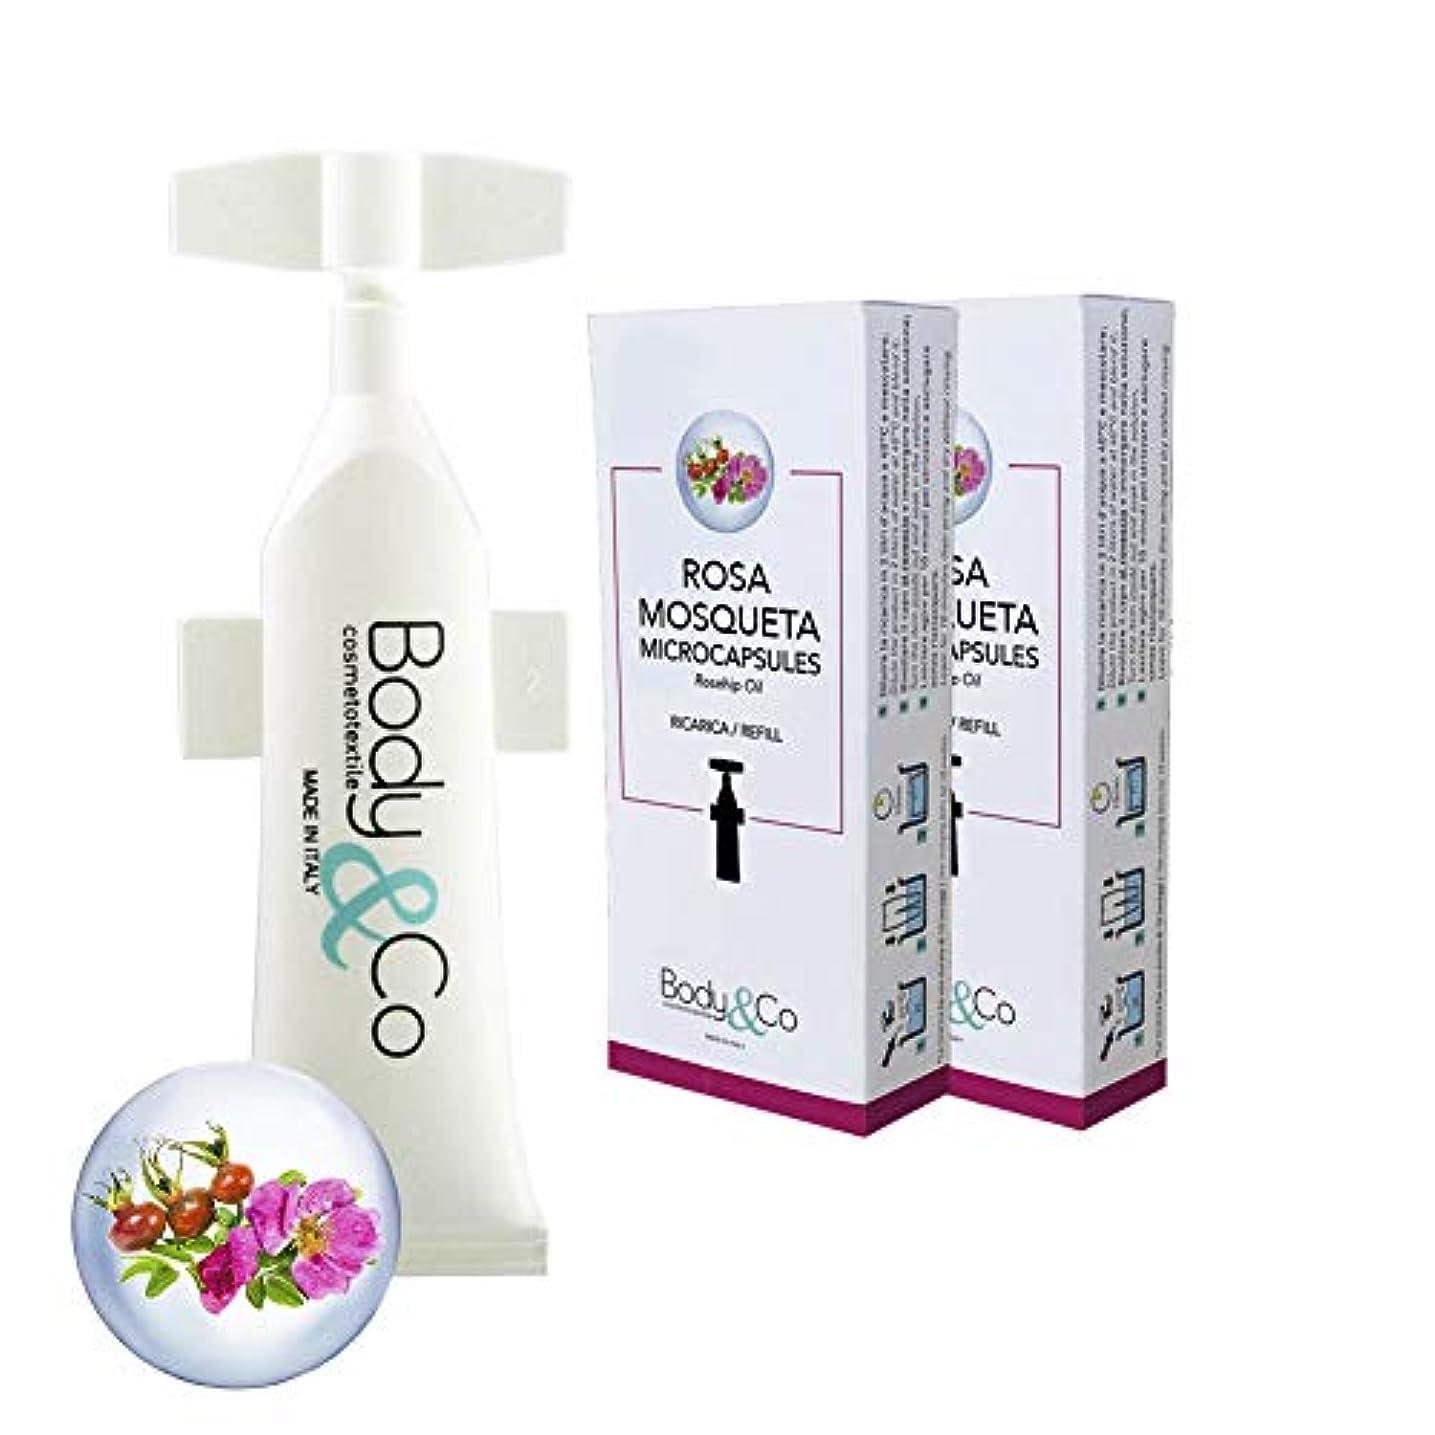 ベットリスナー有効なBody&Co Cosmetic Refill 10 ml Rosa Mosqueta Oil (OLIO DI ROSA MOSQUETA 10 ML, 2 REFILLS 10 ML)